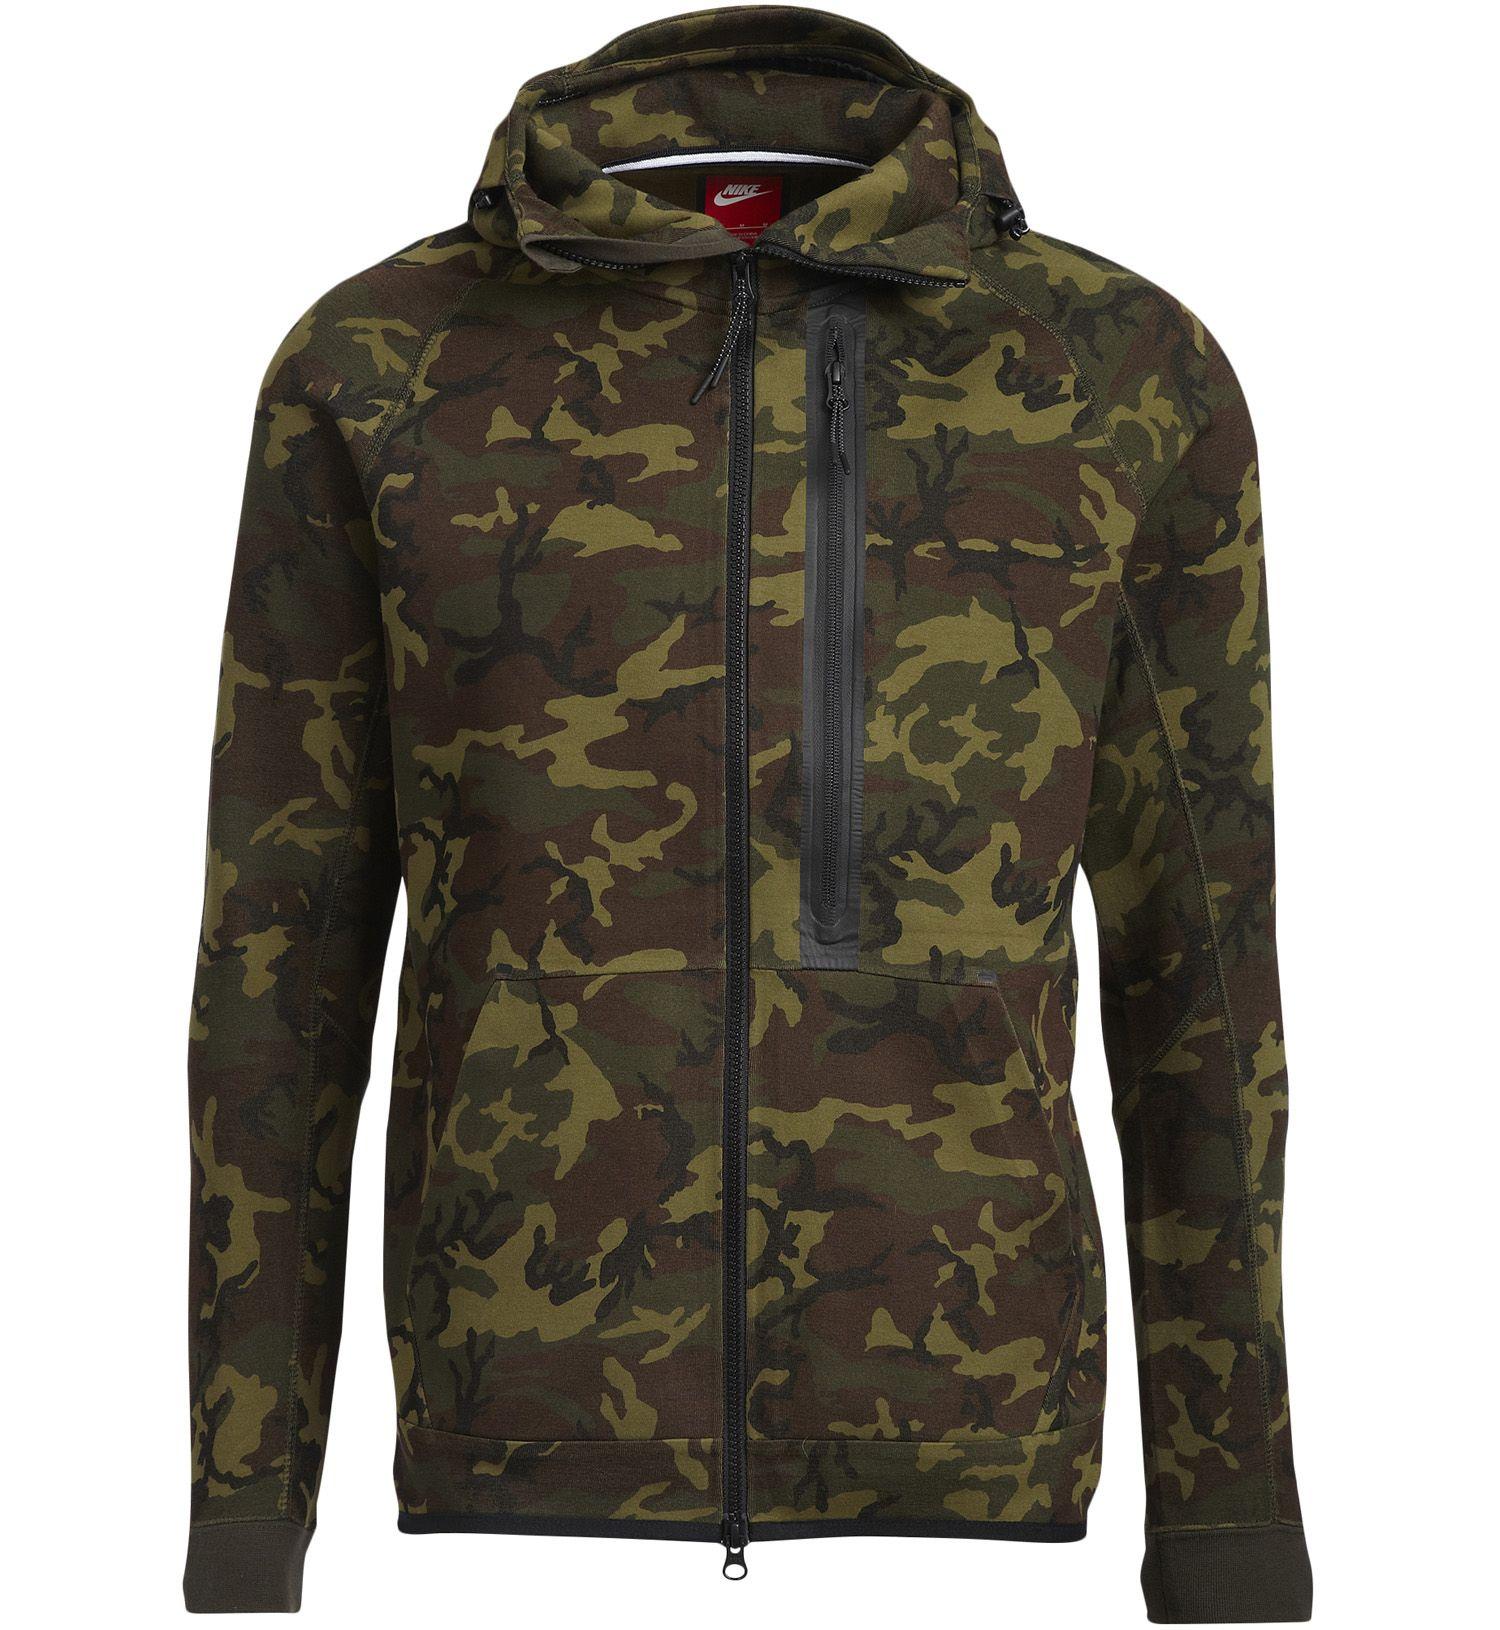 Veste Et Femme Nike Mode Vetement Militaire Fitness FTF7nrxqw 2c4d575d10a